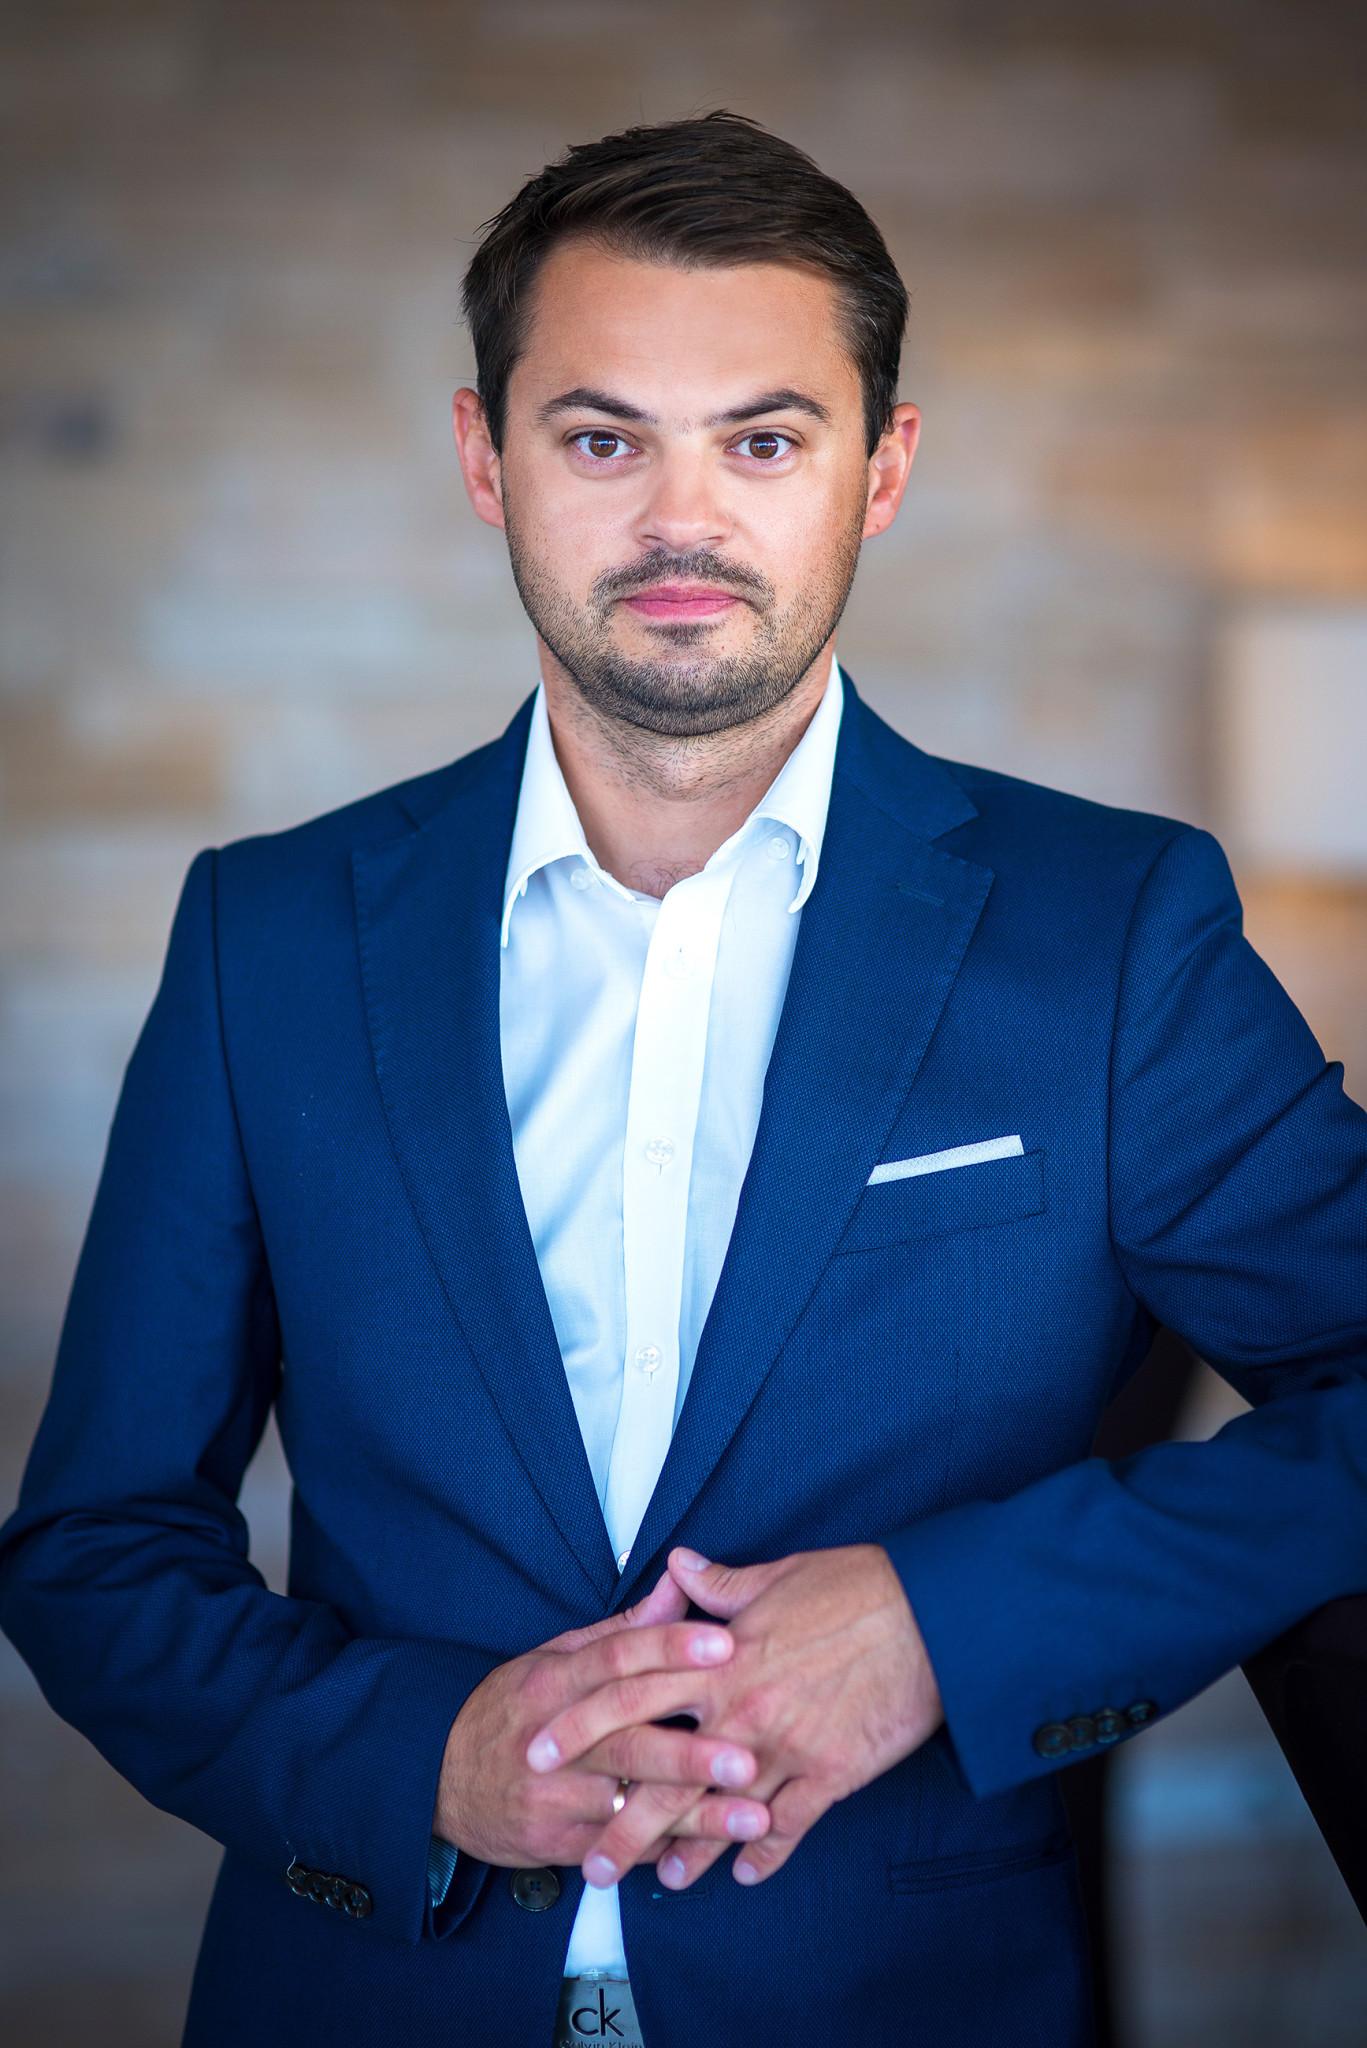 Cezary Kulesza - Kierownik ds. markeitngu i sprzedaży Firmus Group